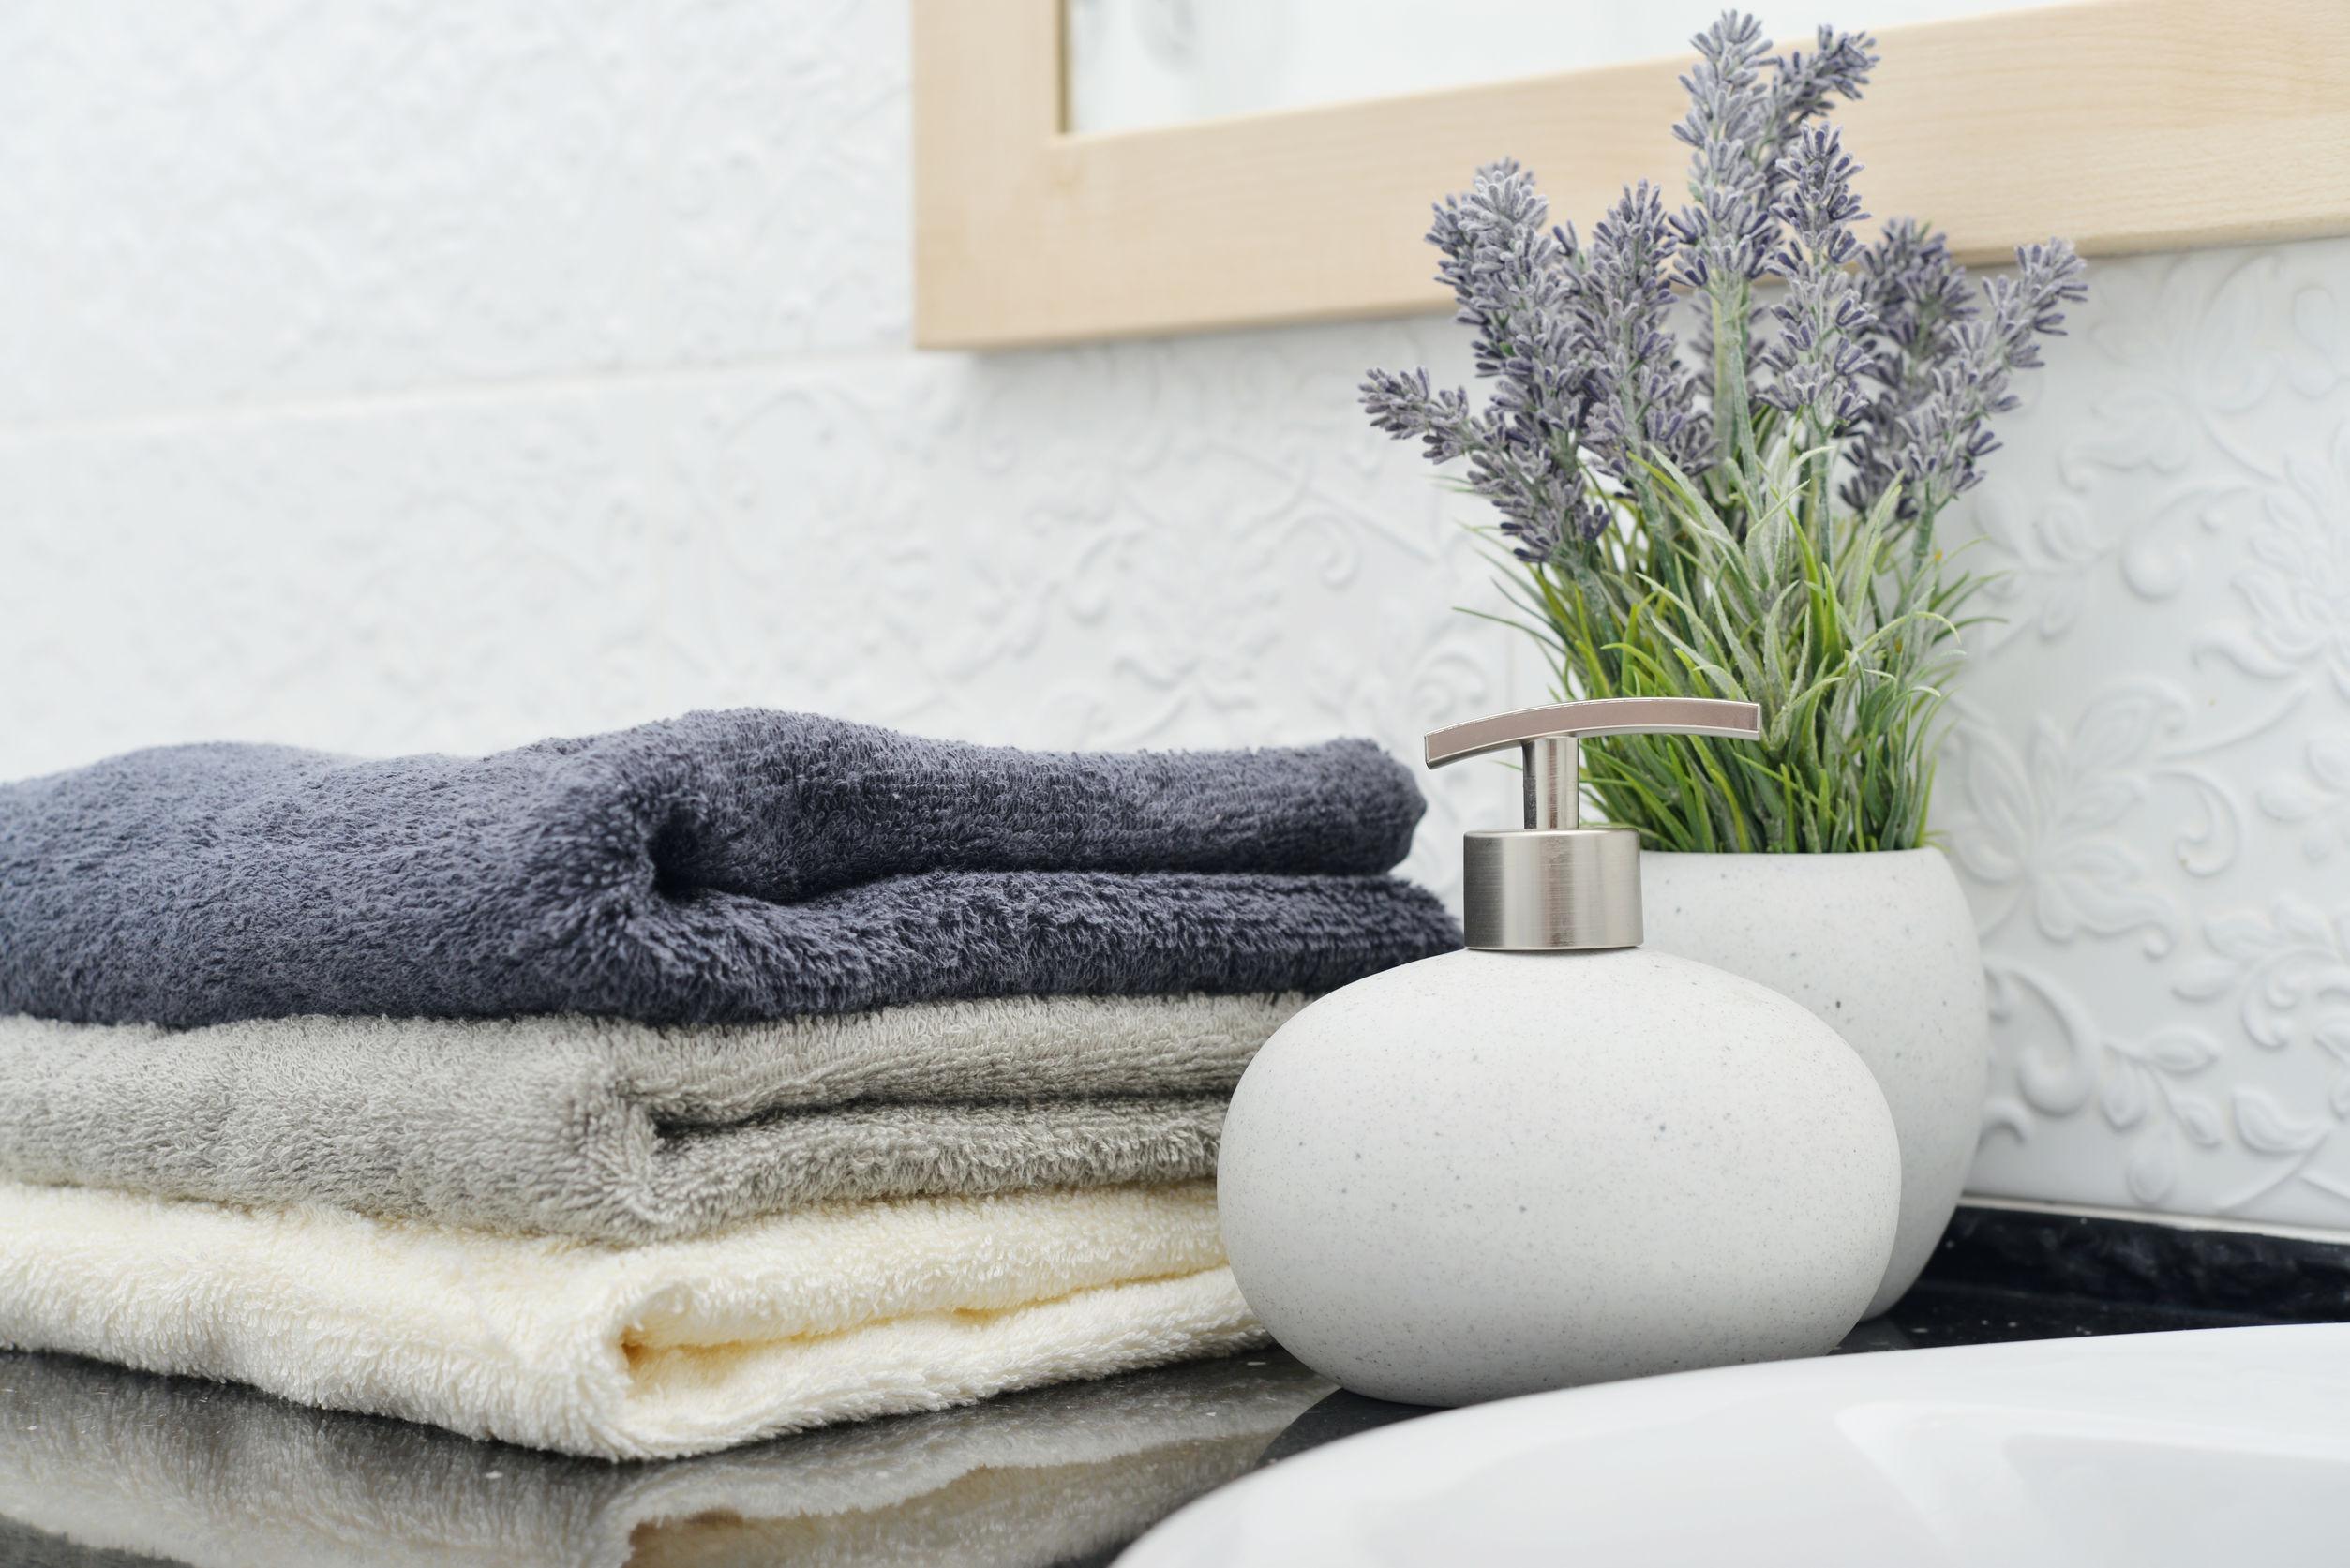 Miglior asciugamani 2020: Guida all'acquisto